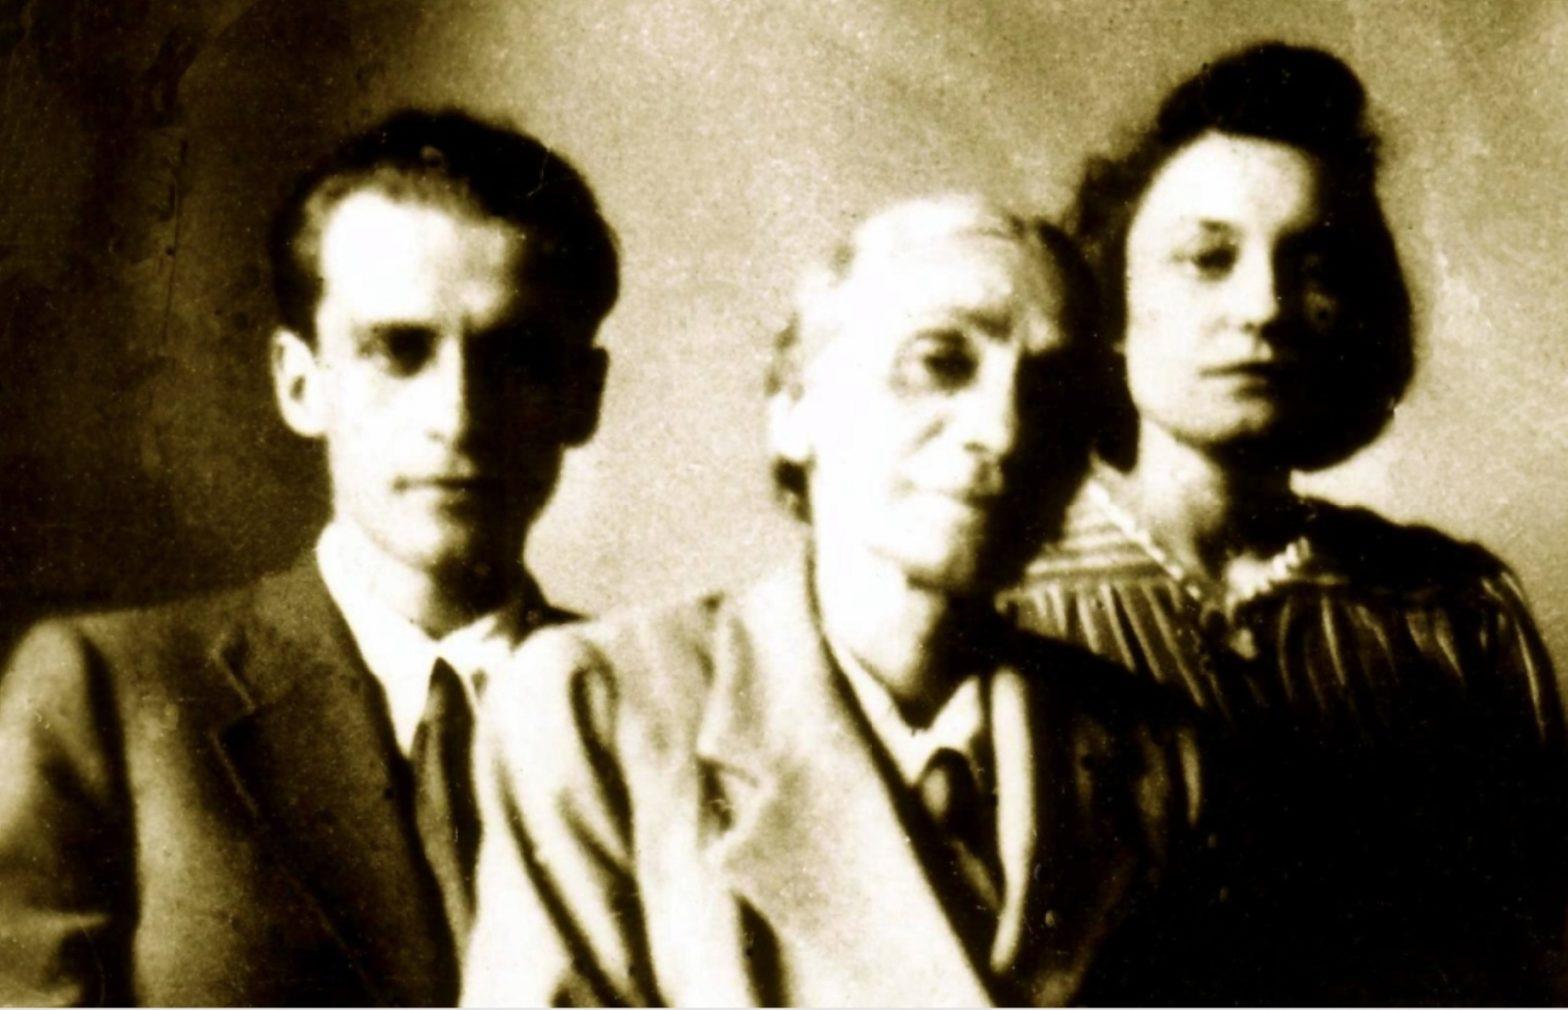 Wyblakła fotografia przedstawia trójkę pozujących ludzi.